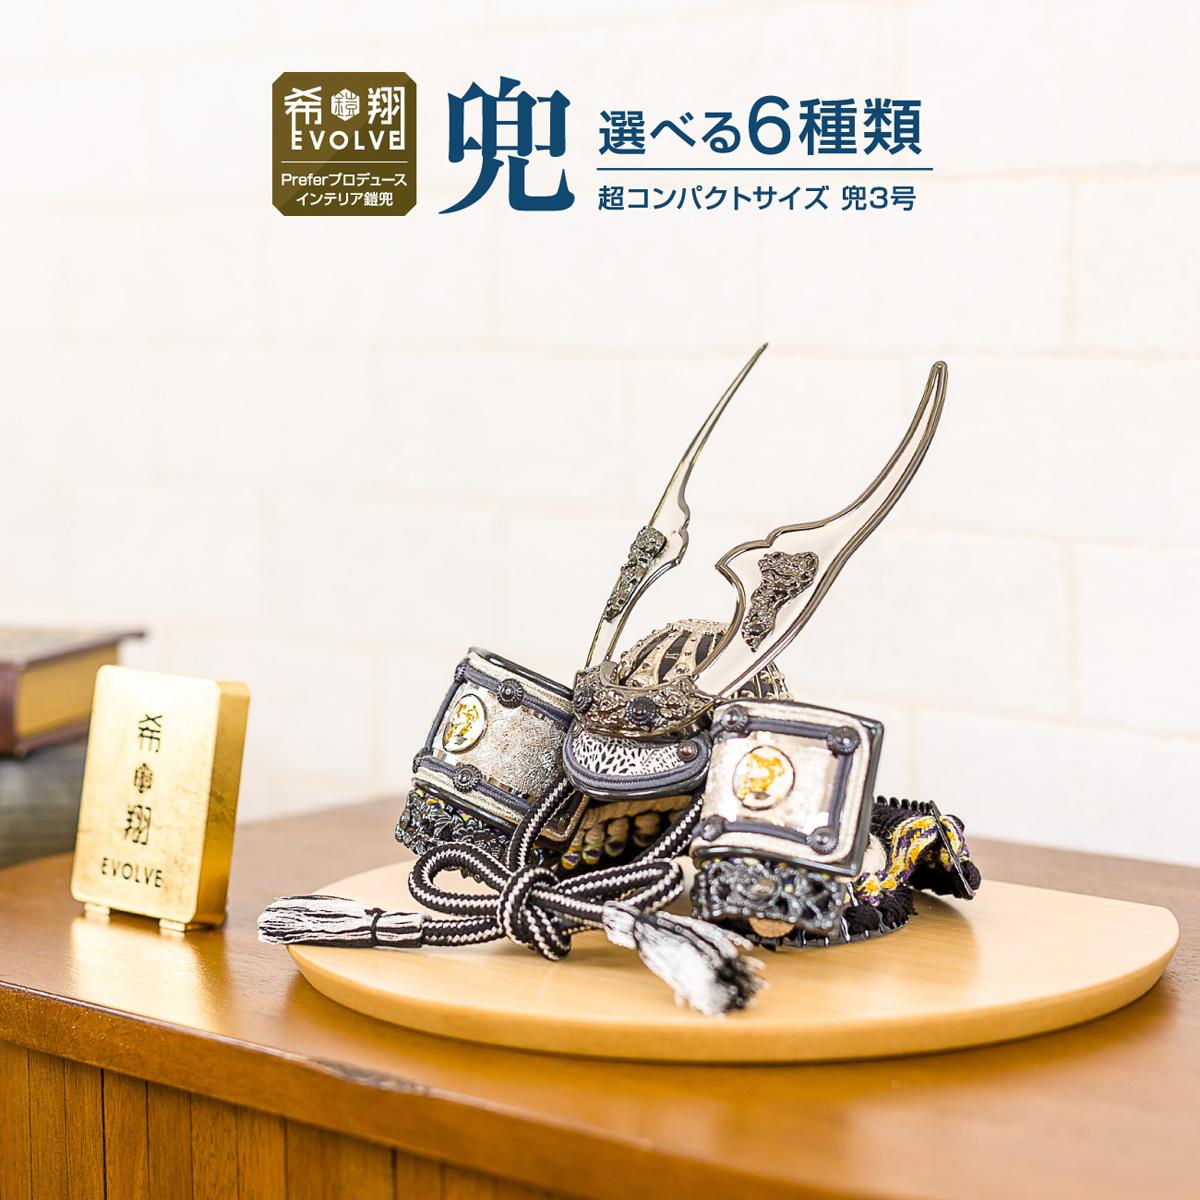 五月人形 コンパクト おしゃれ 希翔/EVOLVE 兜 3号【選べる6種類】 インテリア鎧兜